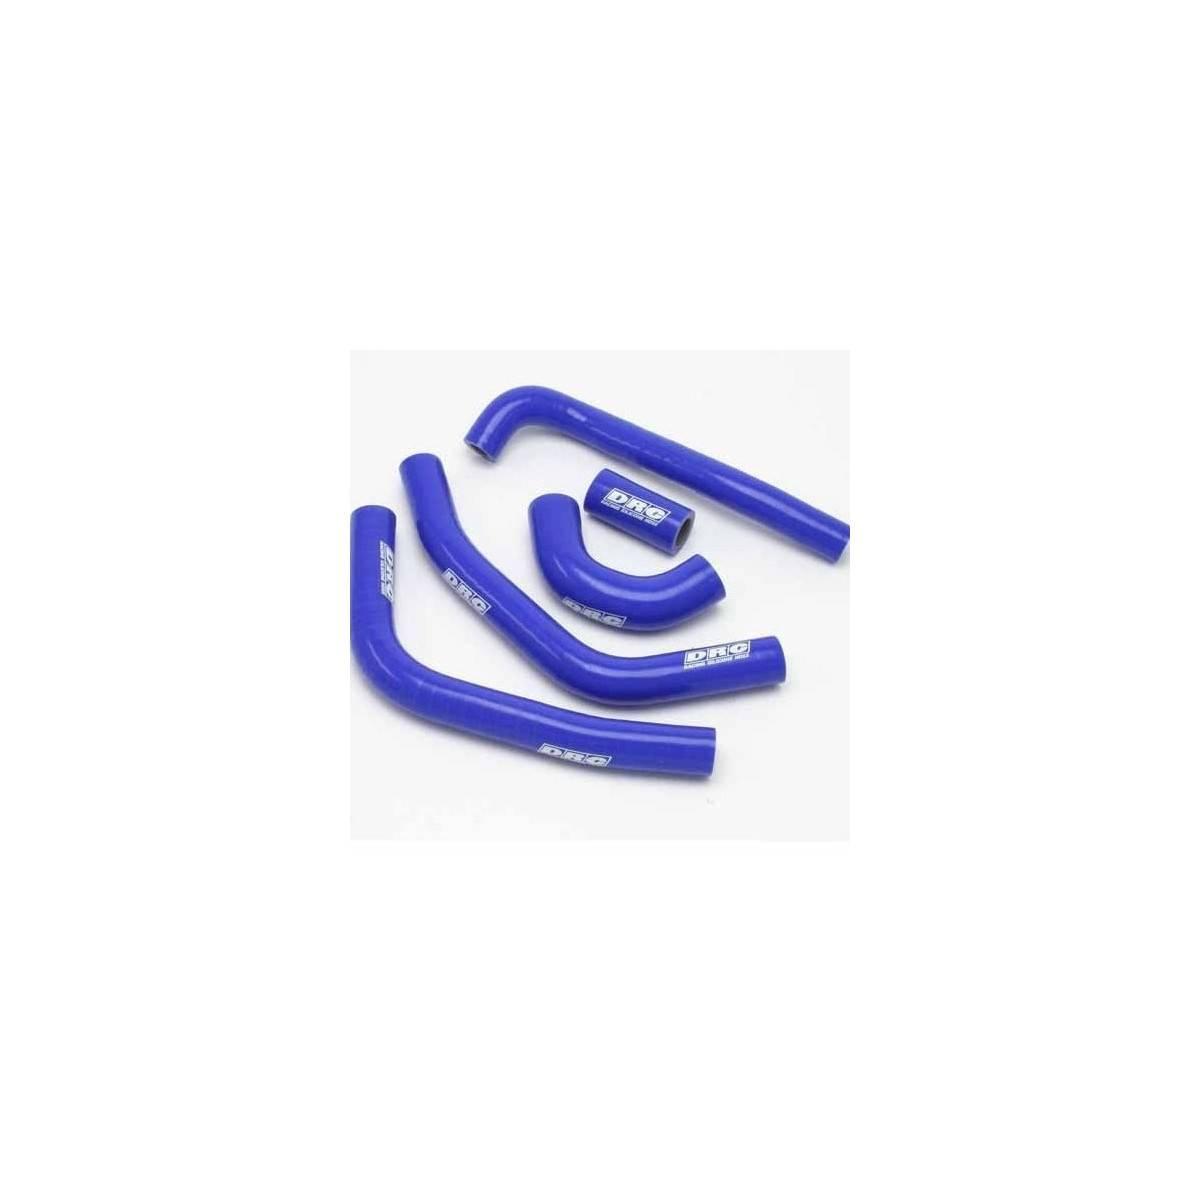 D47.01.762 - Kit Manguitos Radiador Yamaha Wr450F ´12 Azul